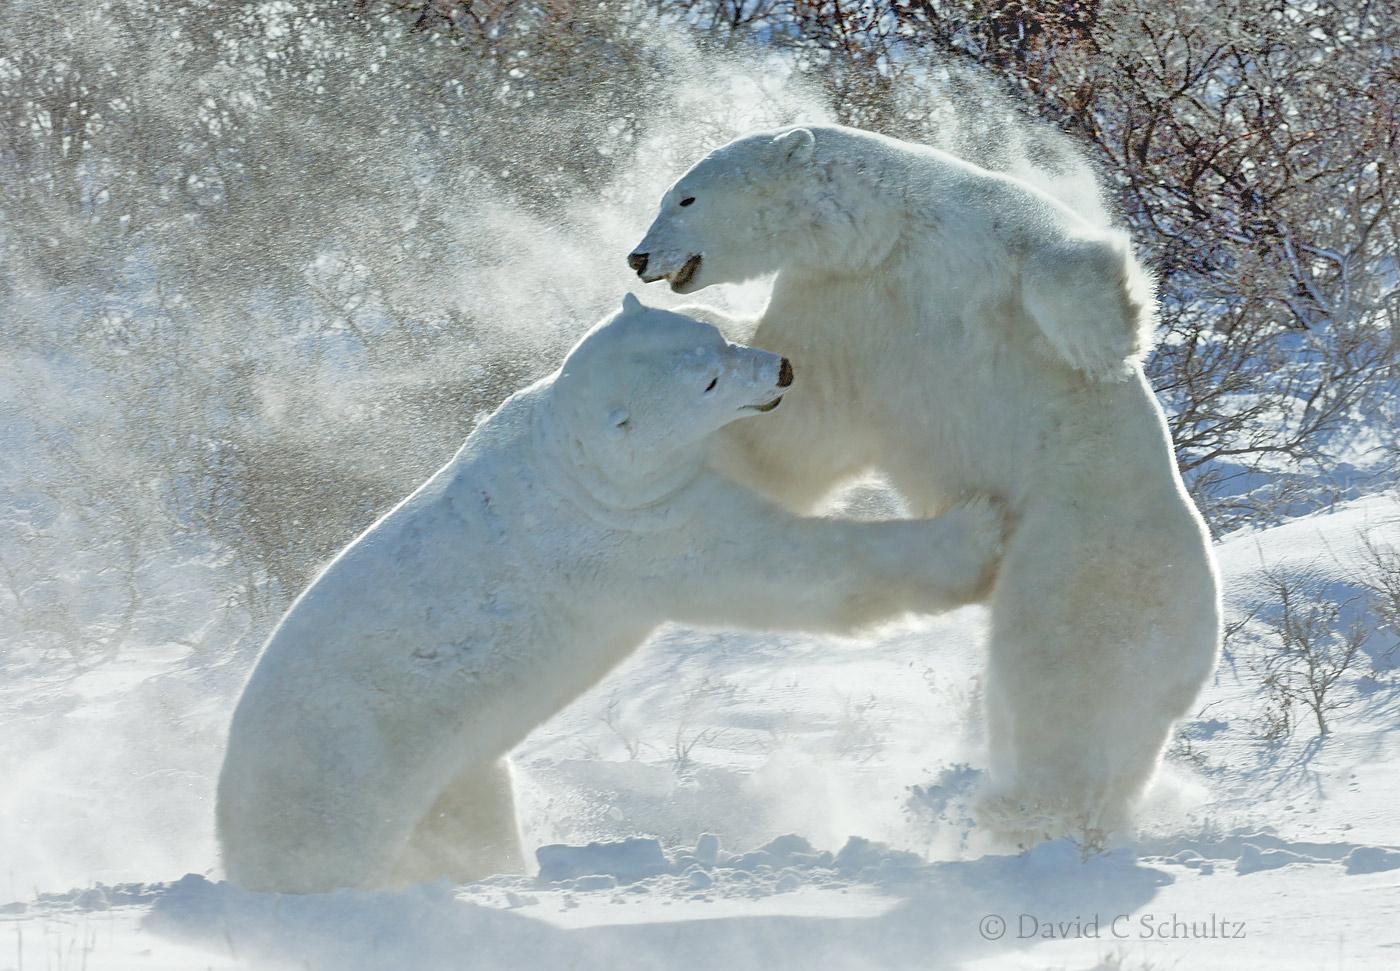 Polar bears sparing in the Wapusk National park, Canada